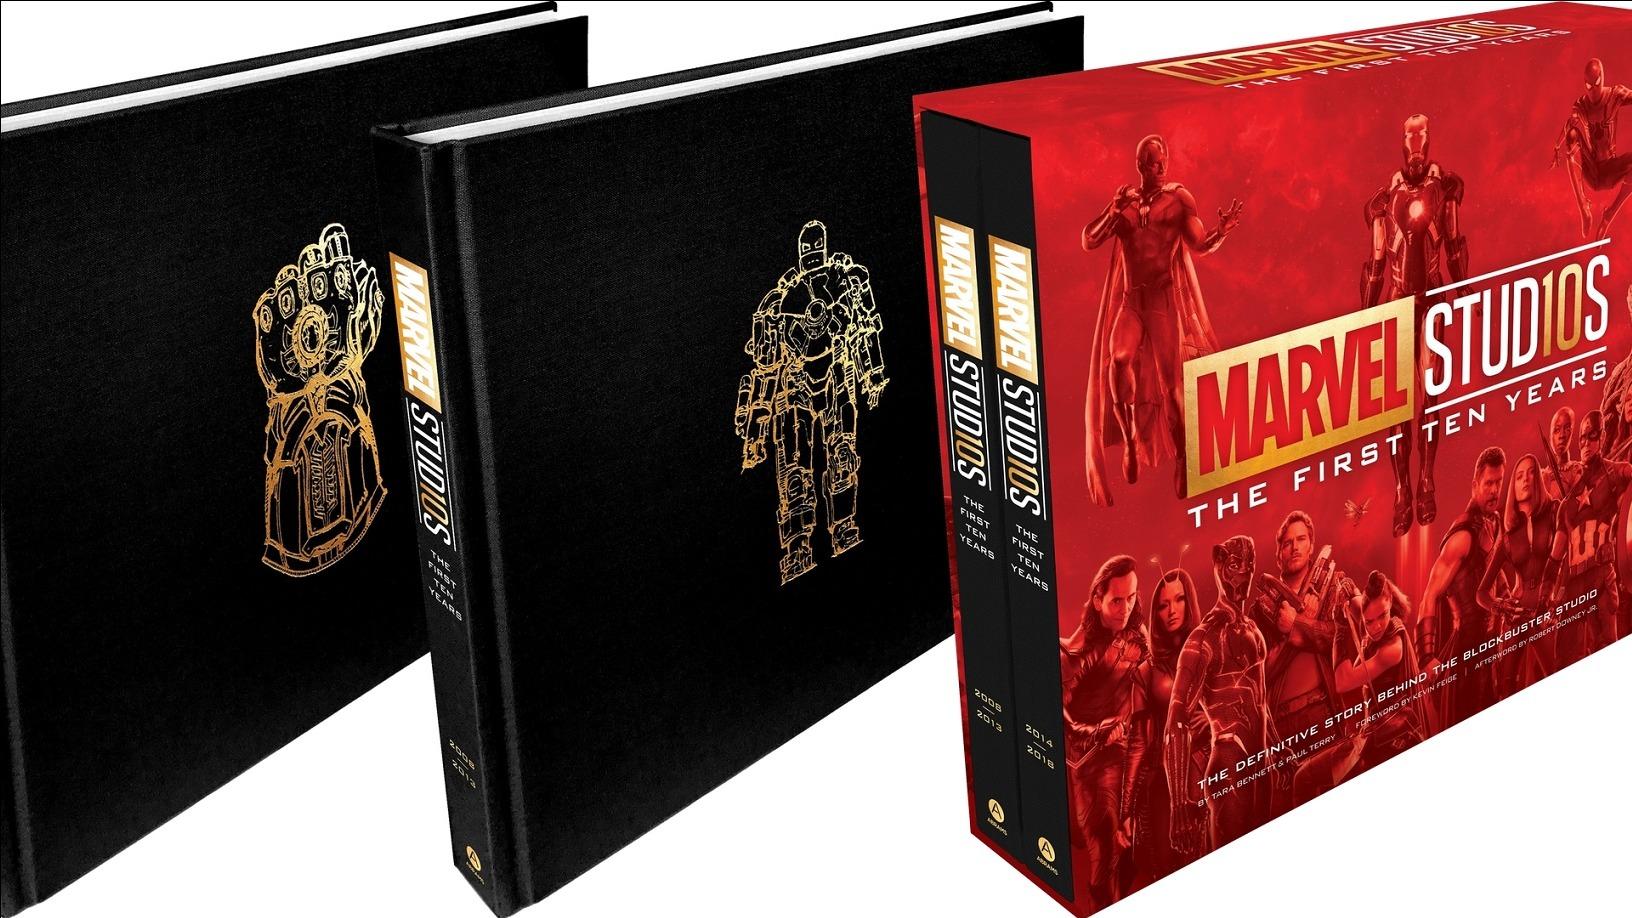 Zwei edle Bände in Schwarz mit goldenen Emblemen in einem Marvel-Sammelschuber. | Spiele.de